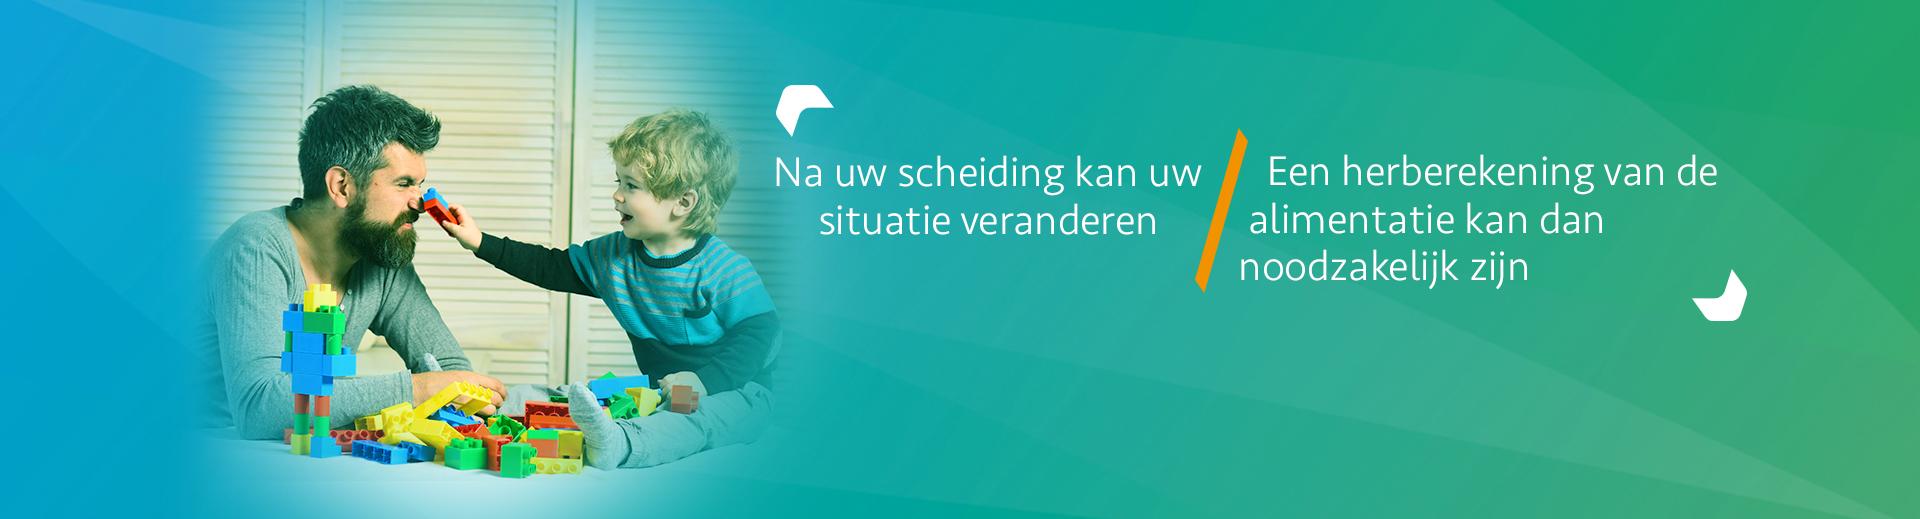 Herberekening alimentatie - Scheidingsplanner Hilversum - Bilthoven - Soest - Het Gooi